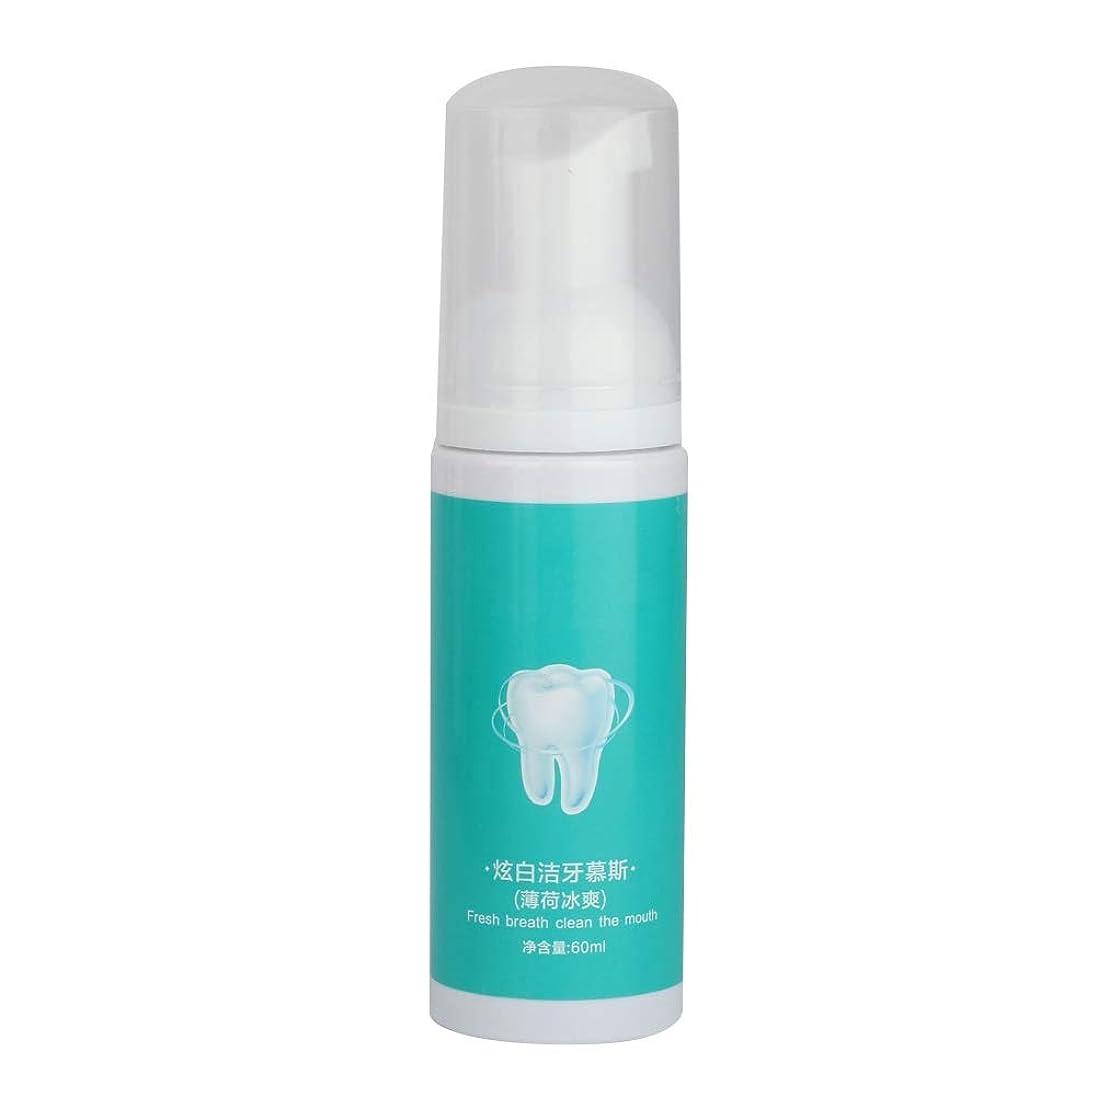 ラフ事務所輝度歯磨き粉の白くなること、口臭の取り外しの大人の口腔ケアの泡の歯磨き粉をきれいにすることの歯を白くすること